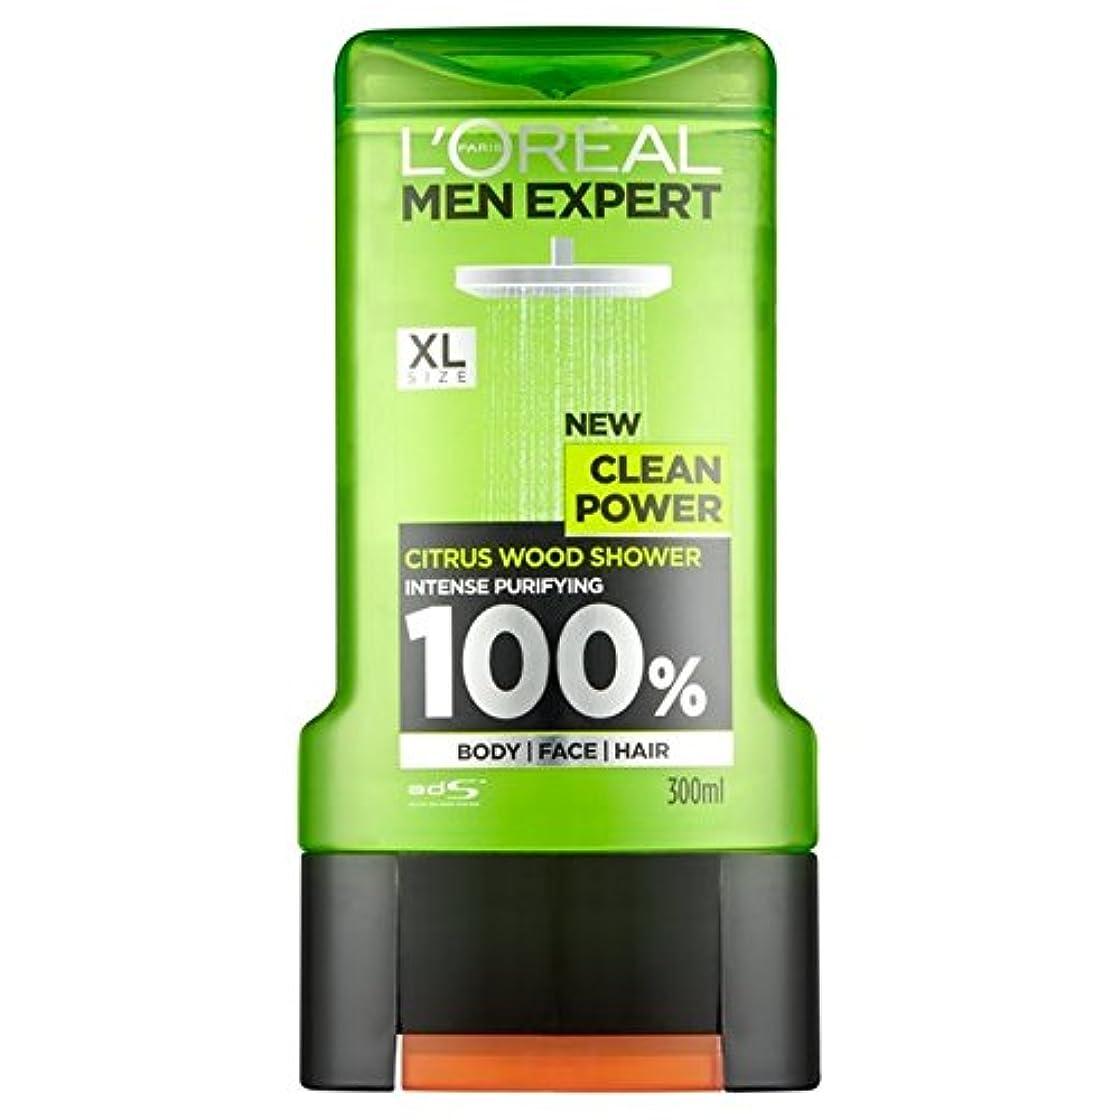 サーキットに行く翻訳者地下室ロレアルパリの男性の専門家クリーンパワーシャワージェル300ミリリットル x2 - L'Oreal Paris Men Expert Clean Power Shower Gel 300ml (Pack of 2) [並行輸入品]